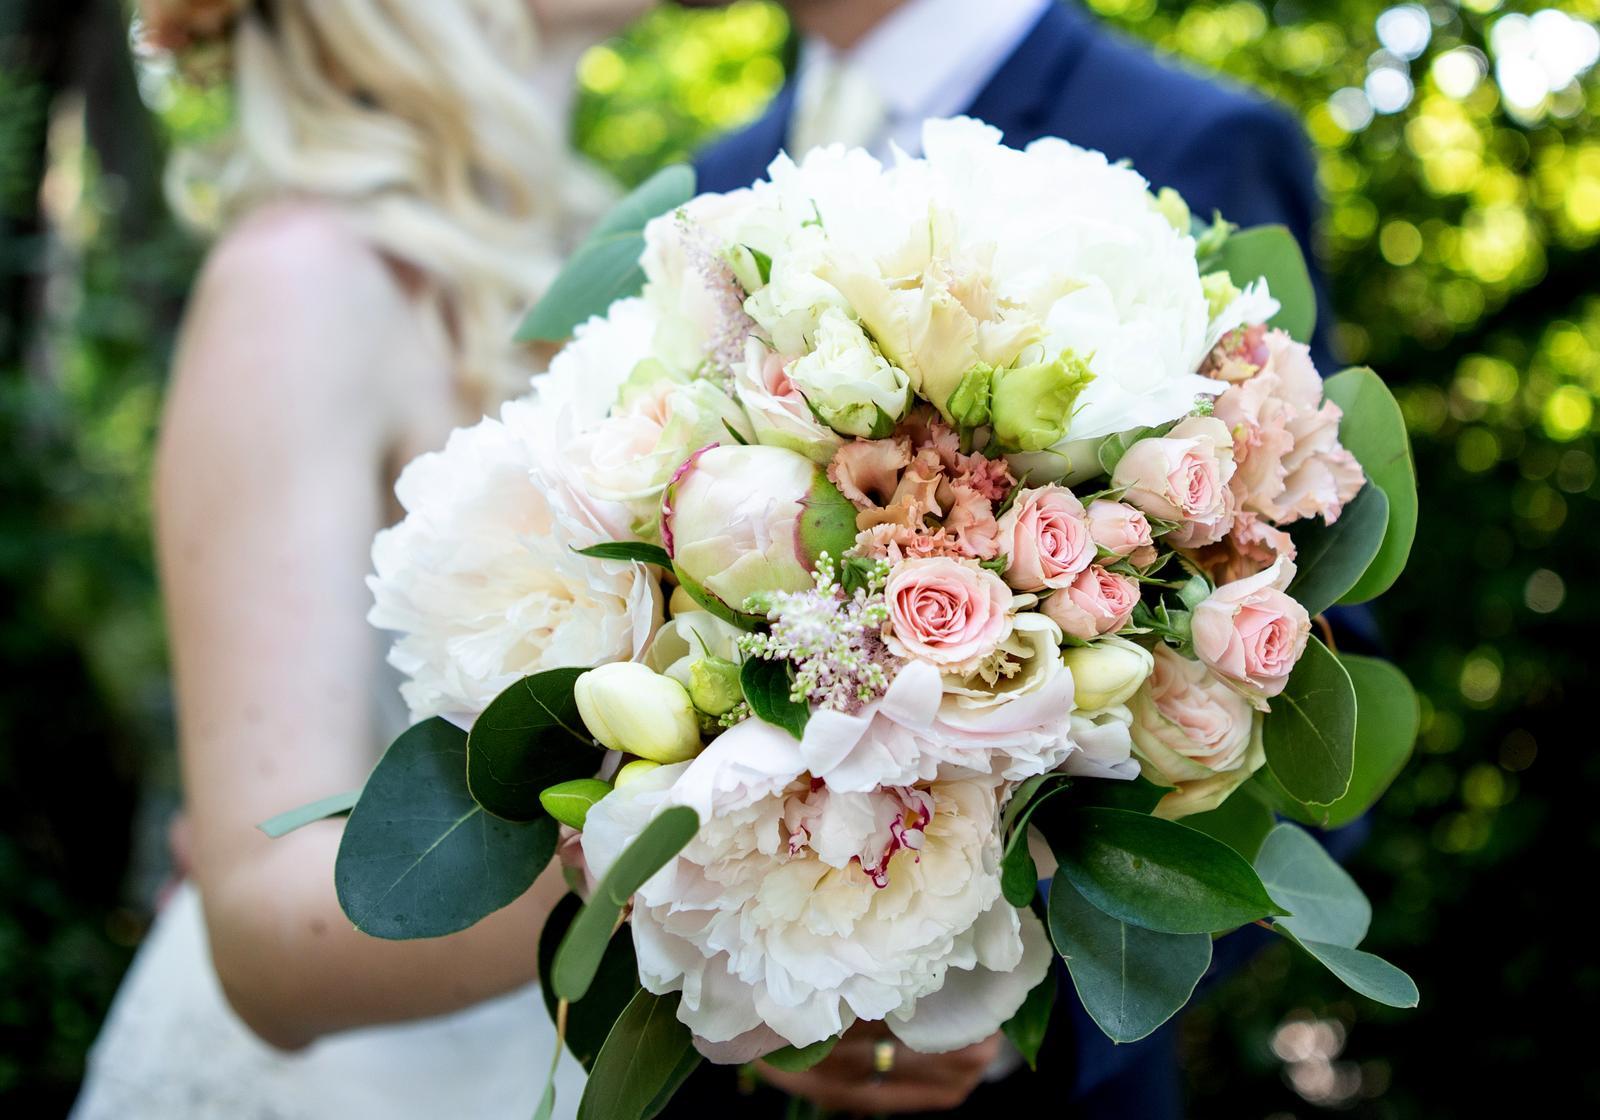 Volné termíny pro svatební kvítí 2020 - Obrázek č. 1